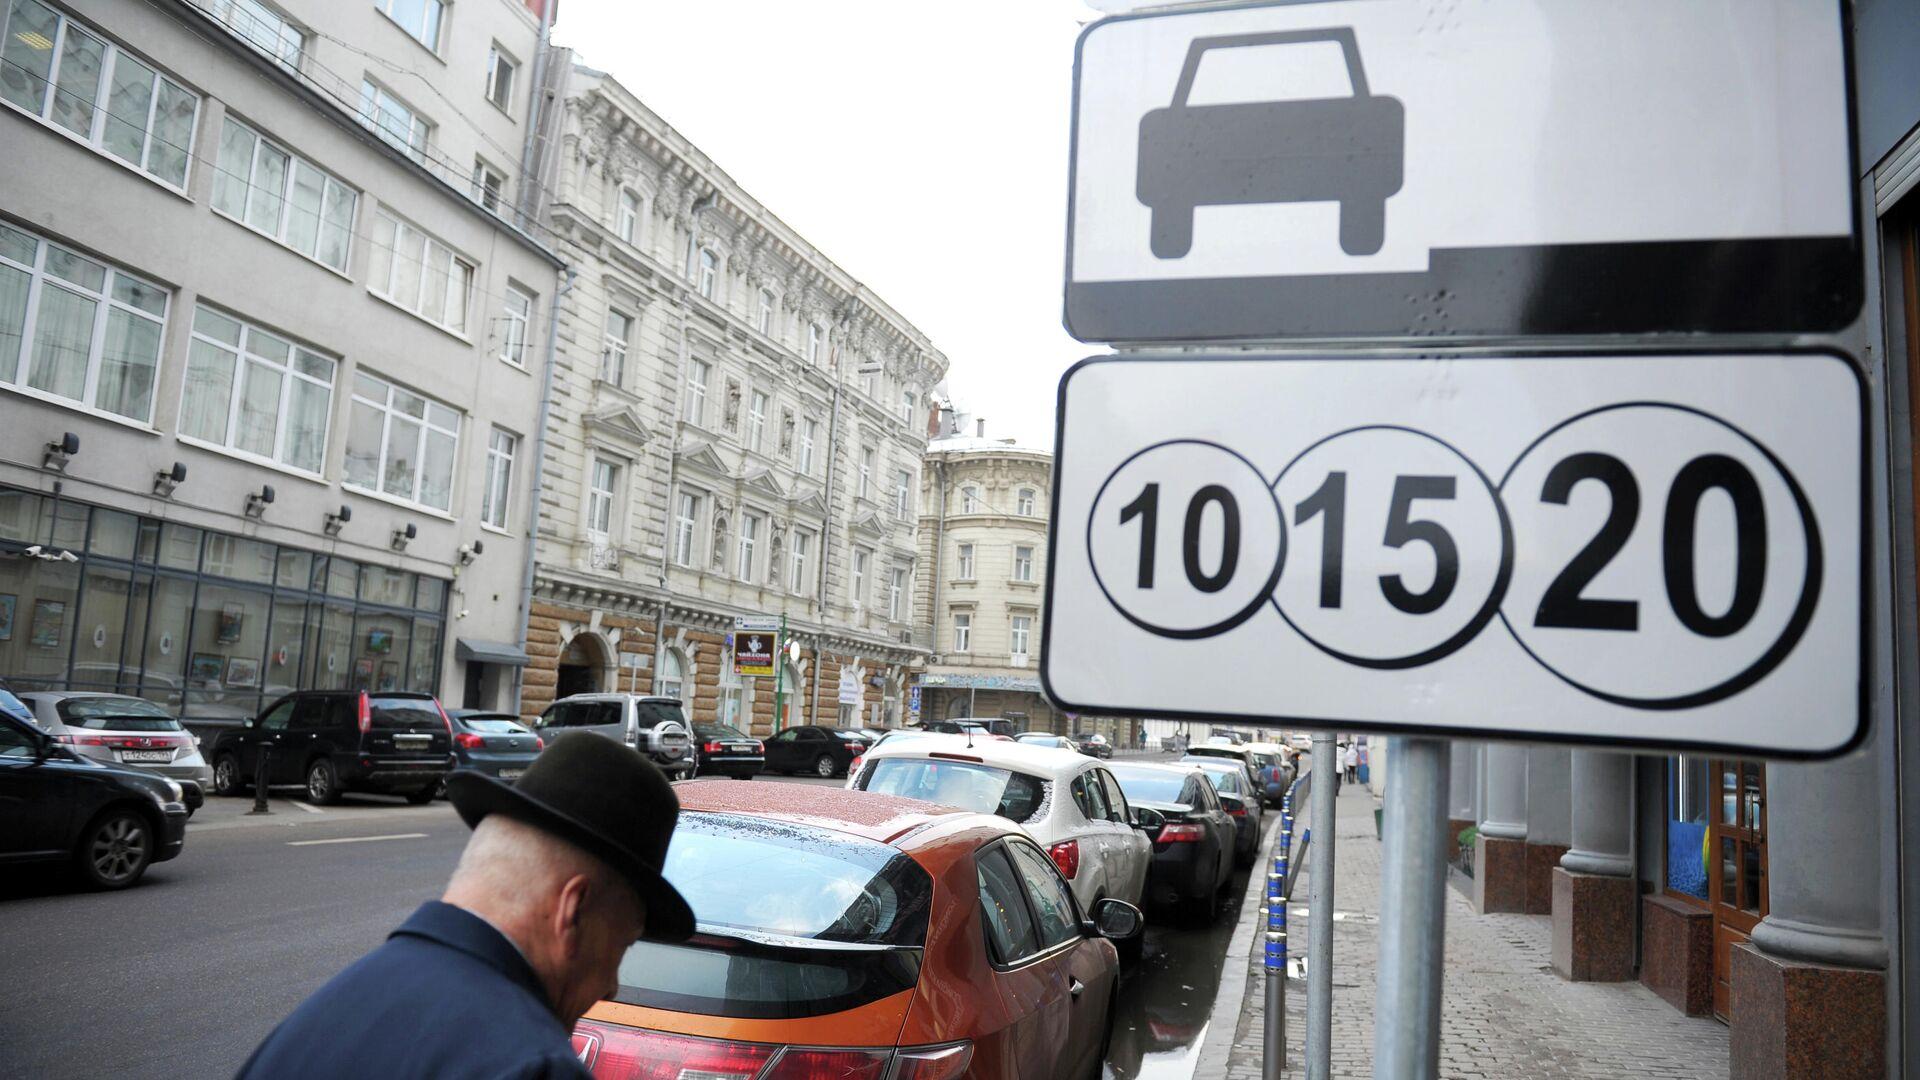 Парковка в центре Москвы - РИА Новости, 1920, 18.11.2020